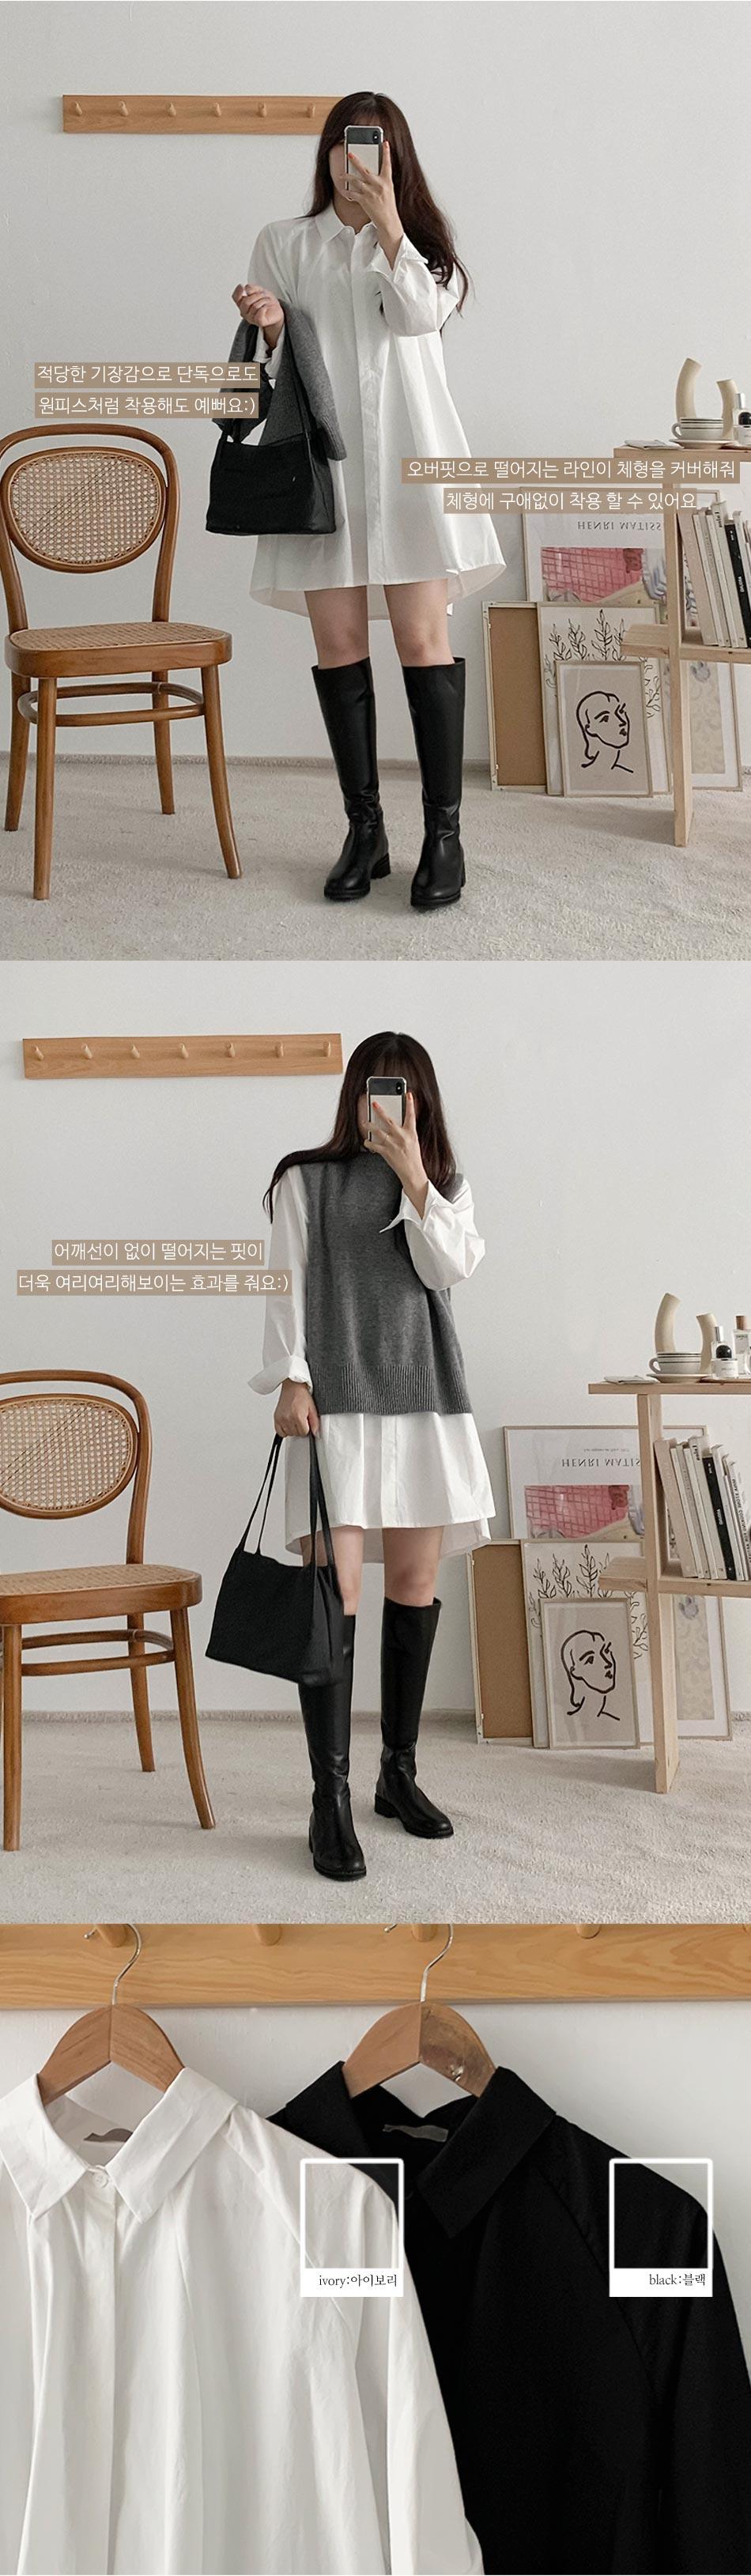 Recommended for short girls Bota Shirt Dress